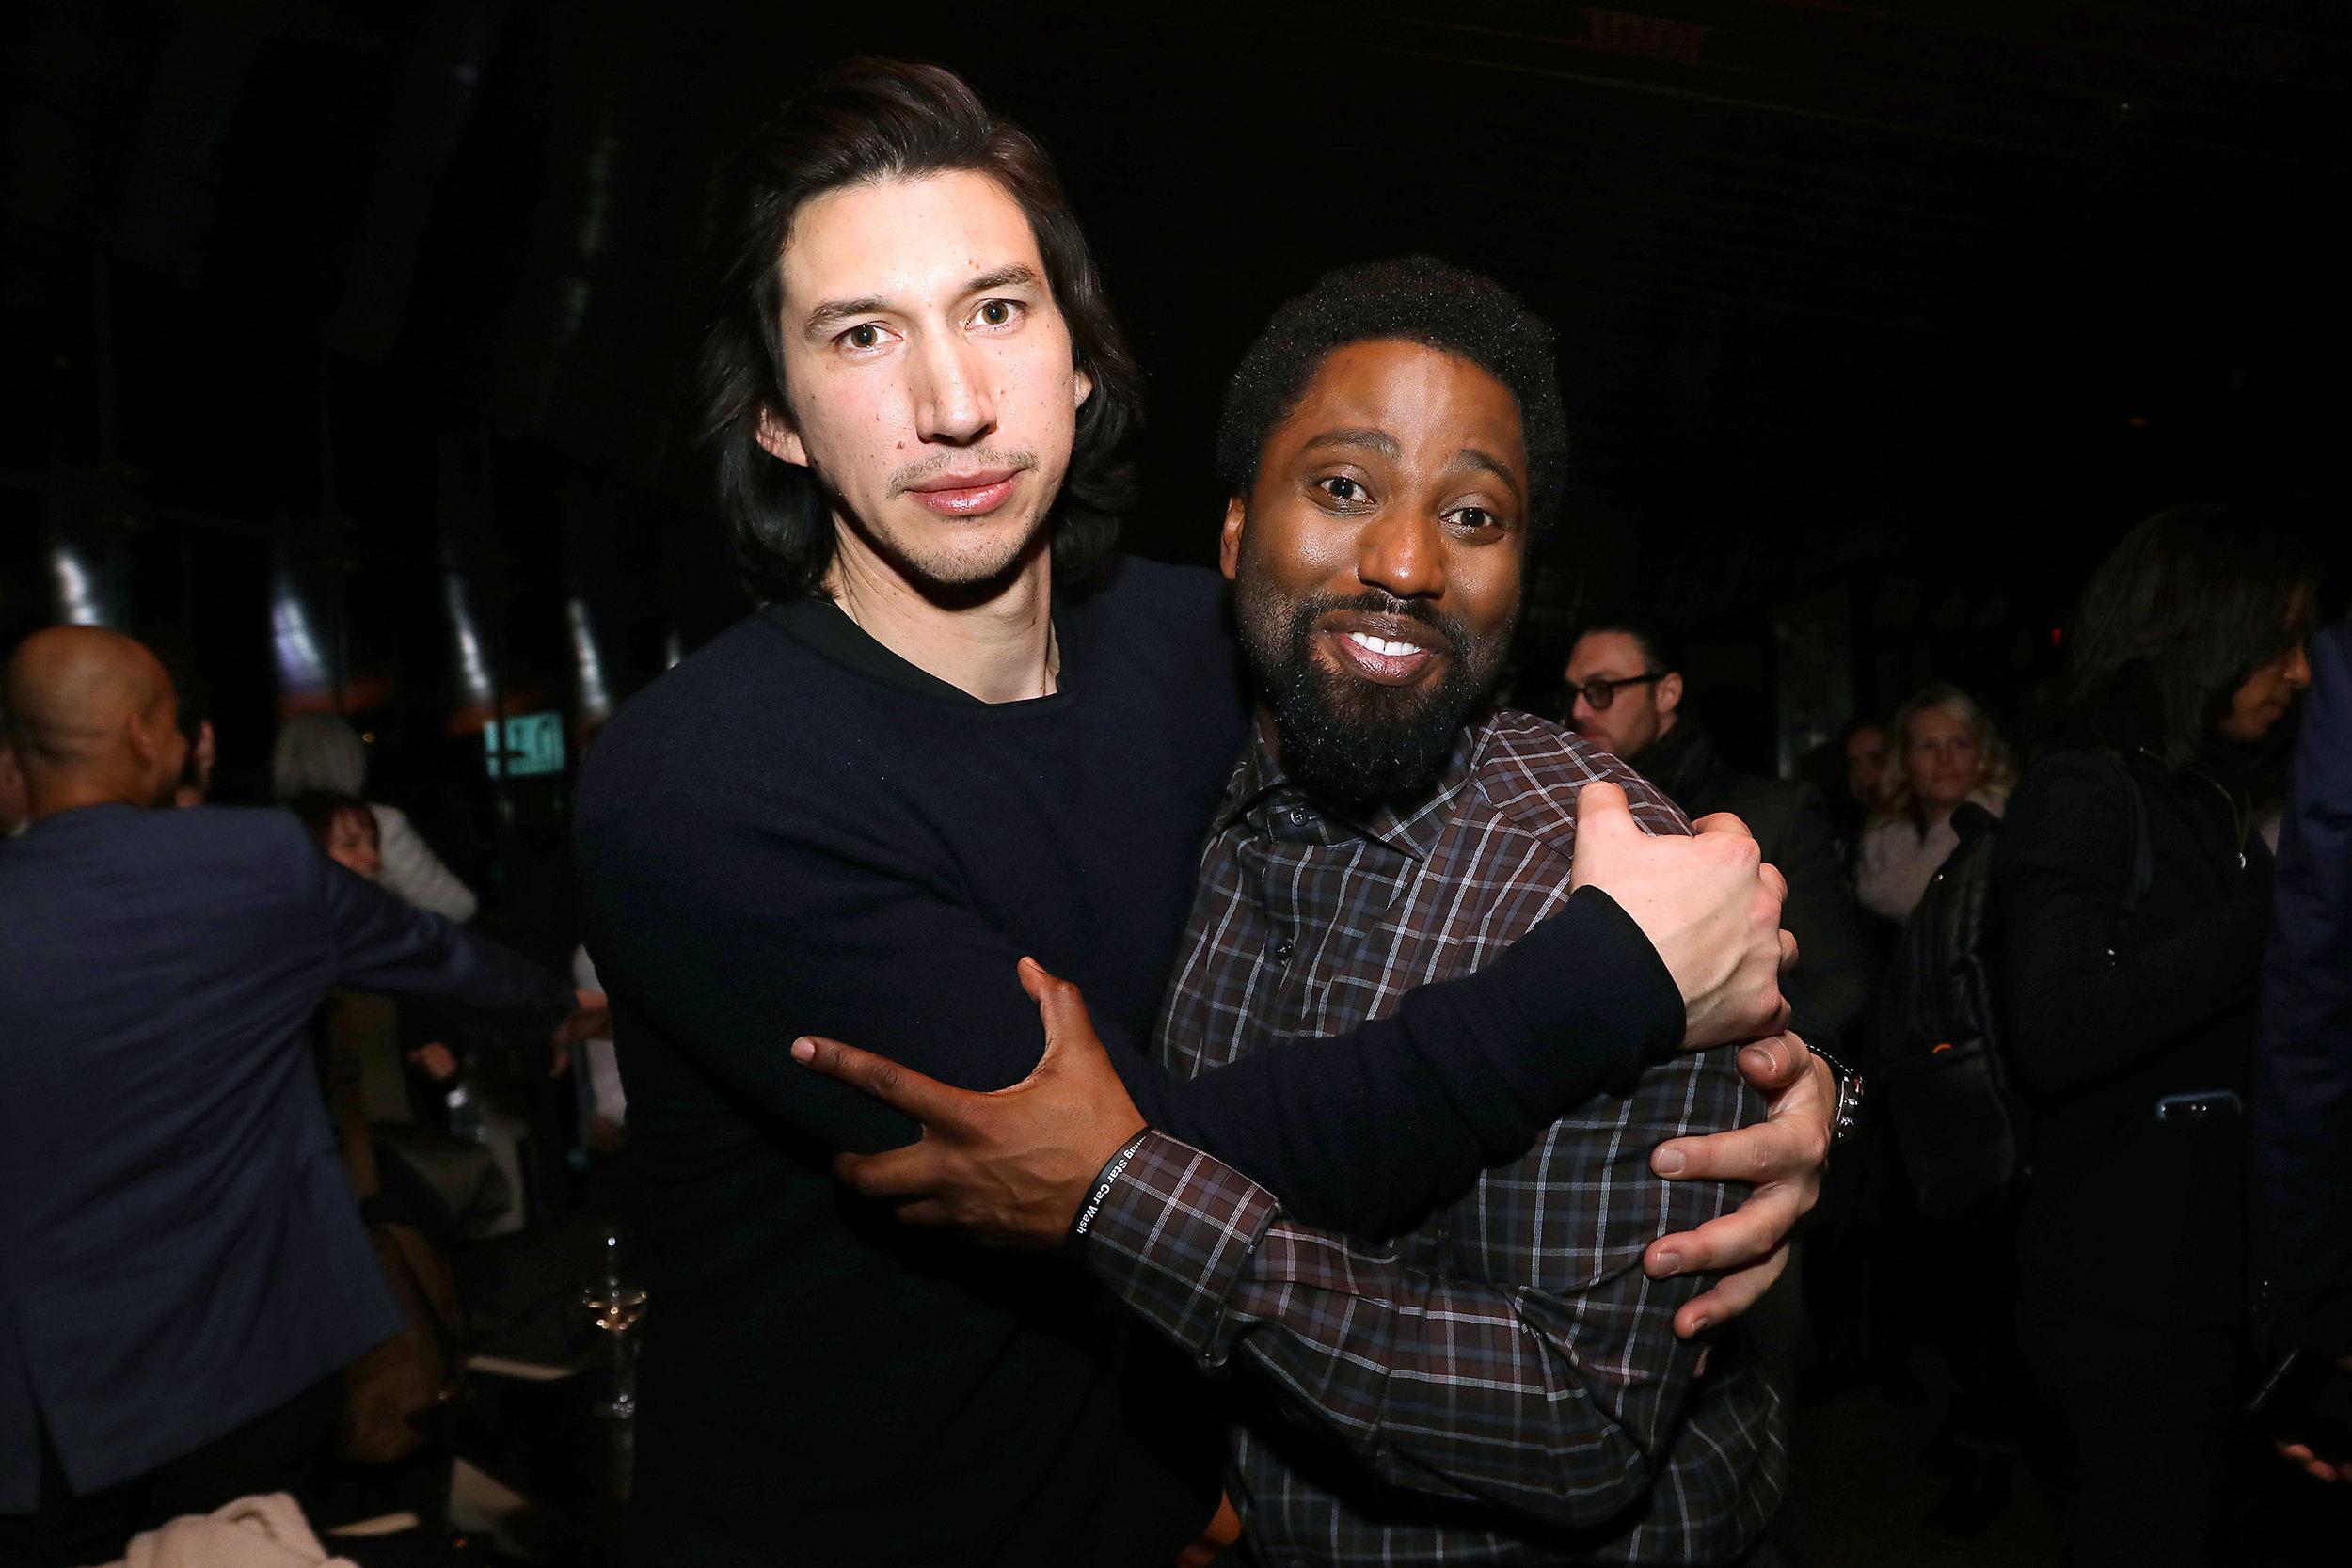 Best Supporting Actor nominee Adam Driver and John David Washington at a NYC screening of BlacKkKlansman Photo by: Kristina Humphrey